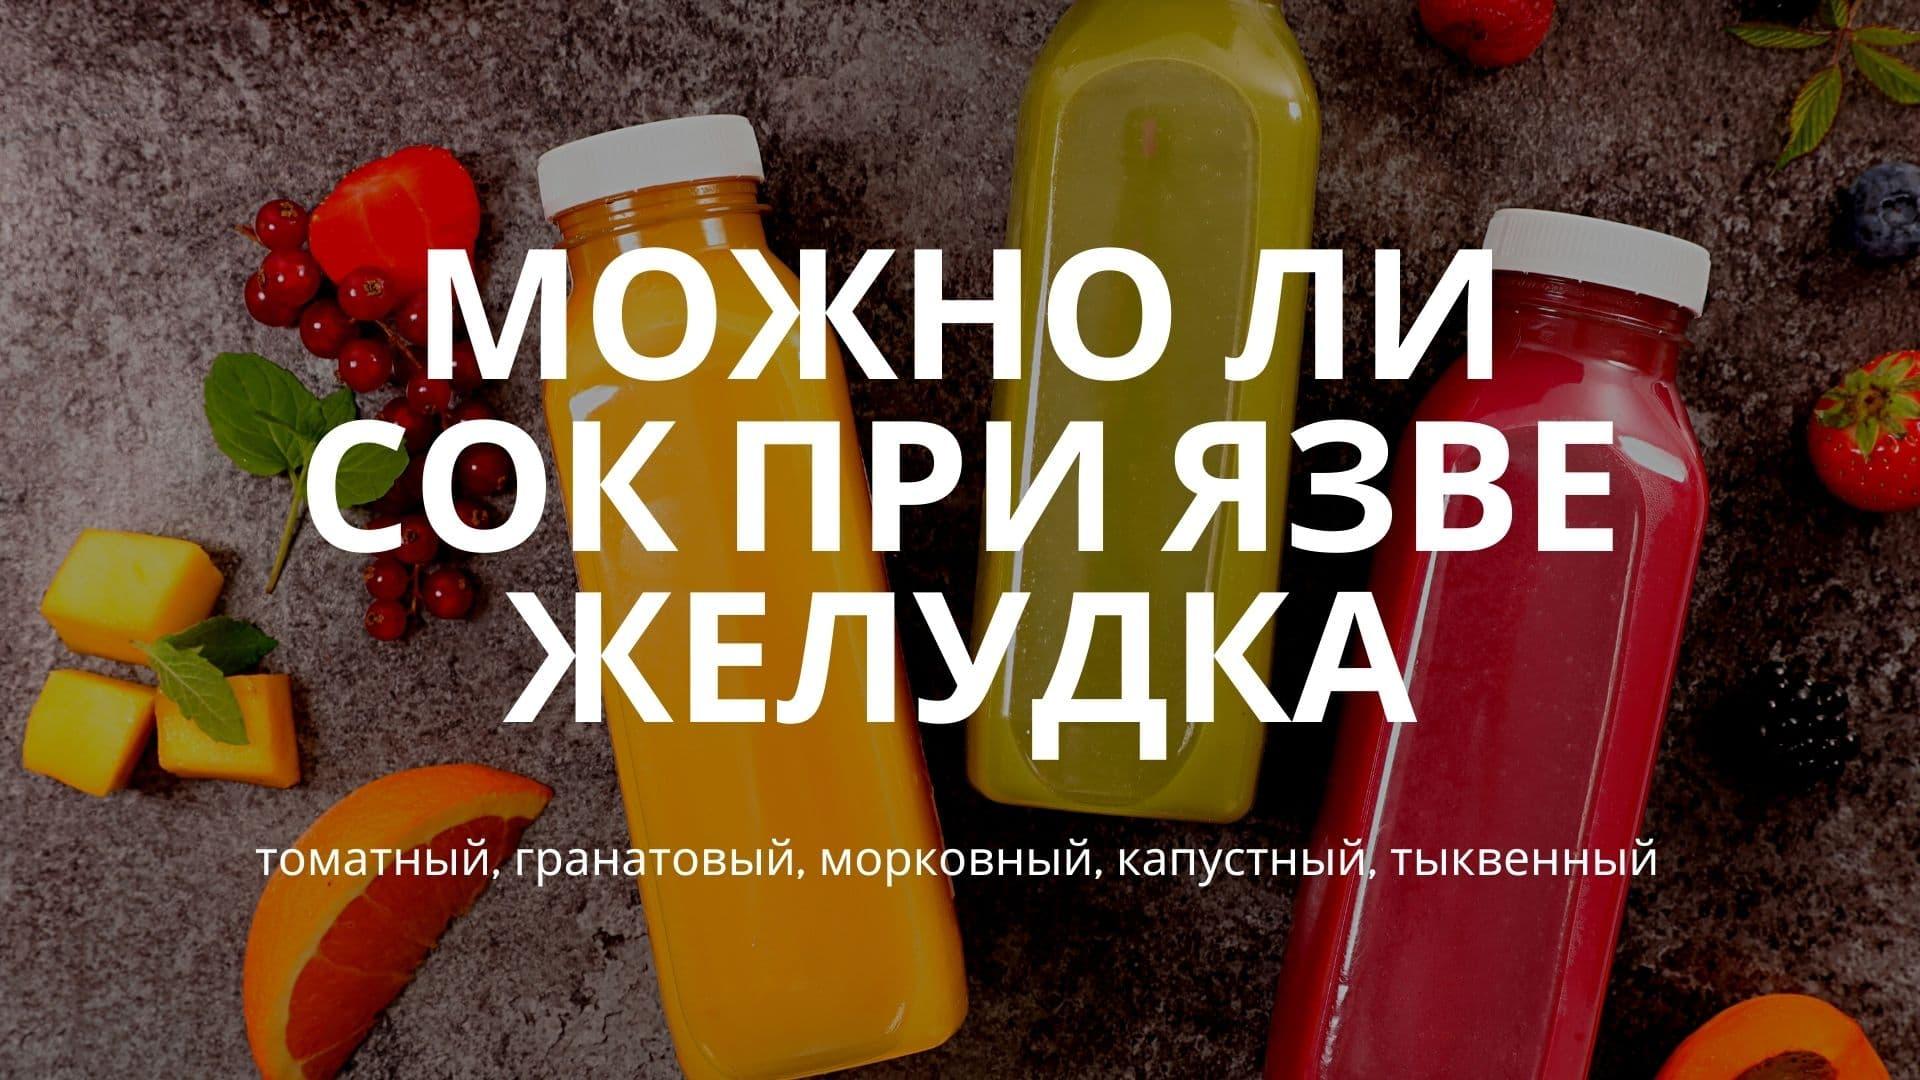 Можно ли сок при язве желудка: томатный, гранатовый, морковный, капустный, тыквенный